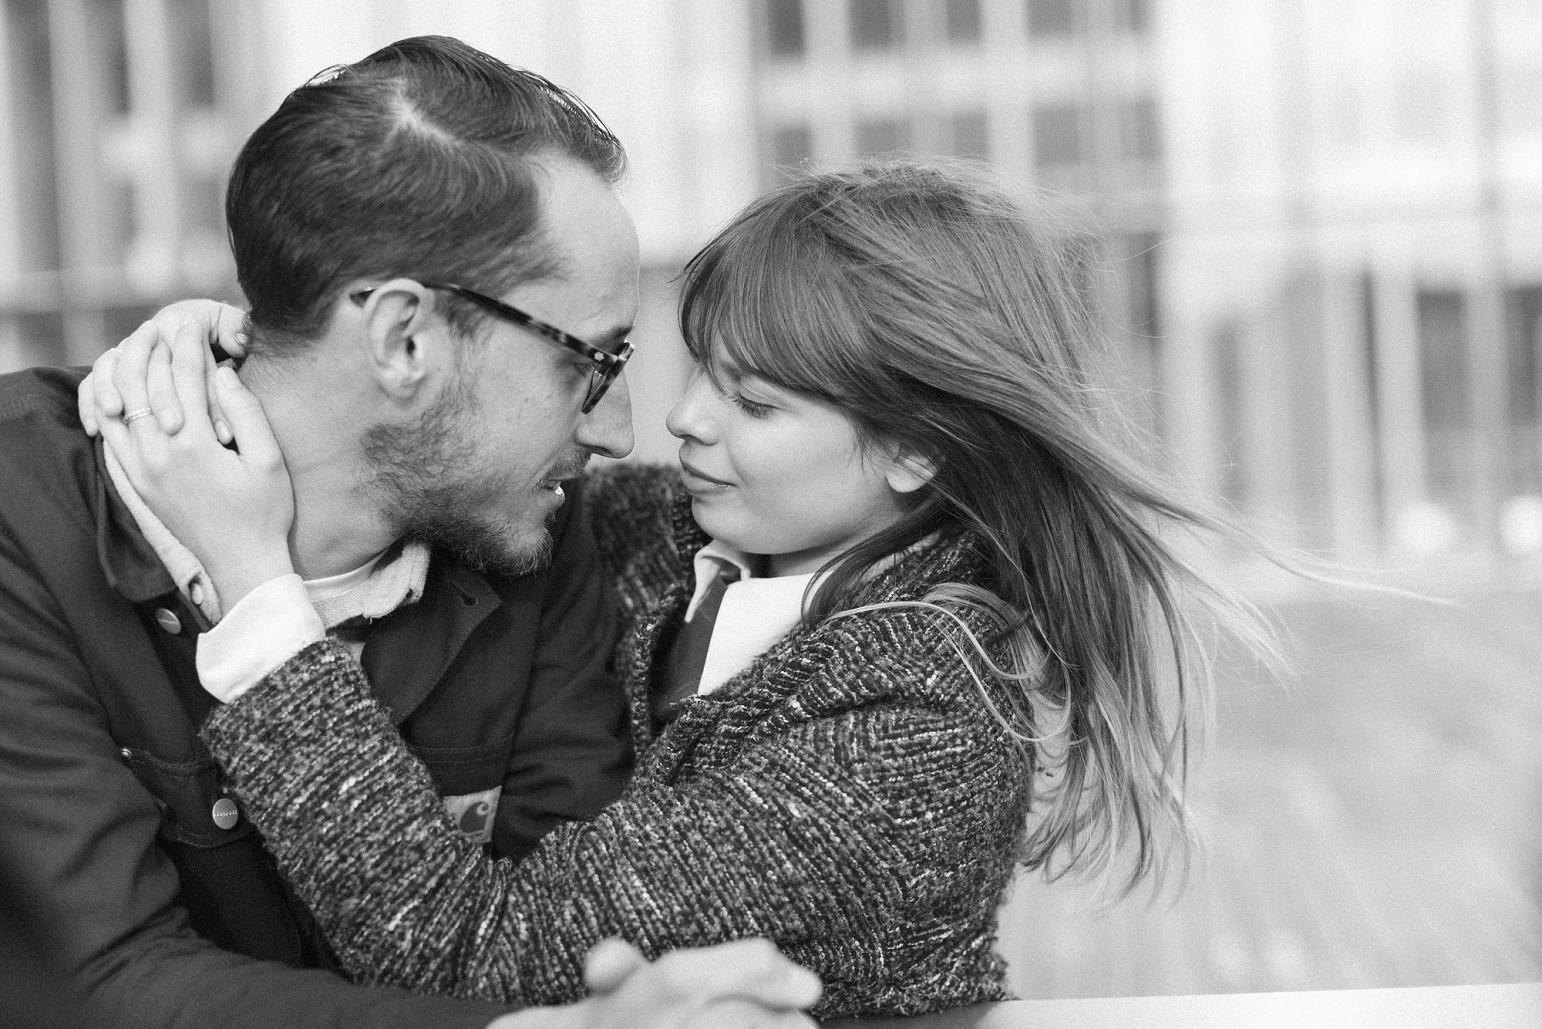 katerynaphotos-mariage-photographe-paysdelaloire-lemans-sarthe-sud_0550.jpg